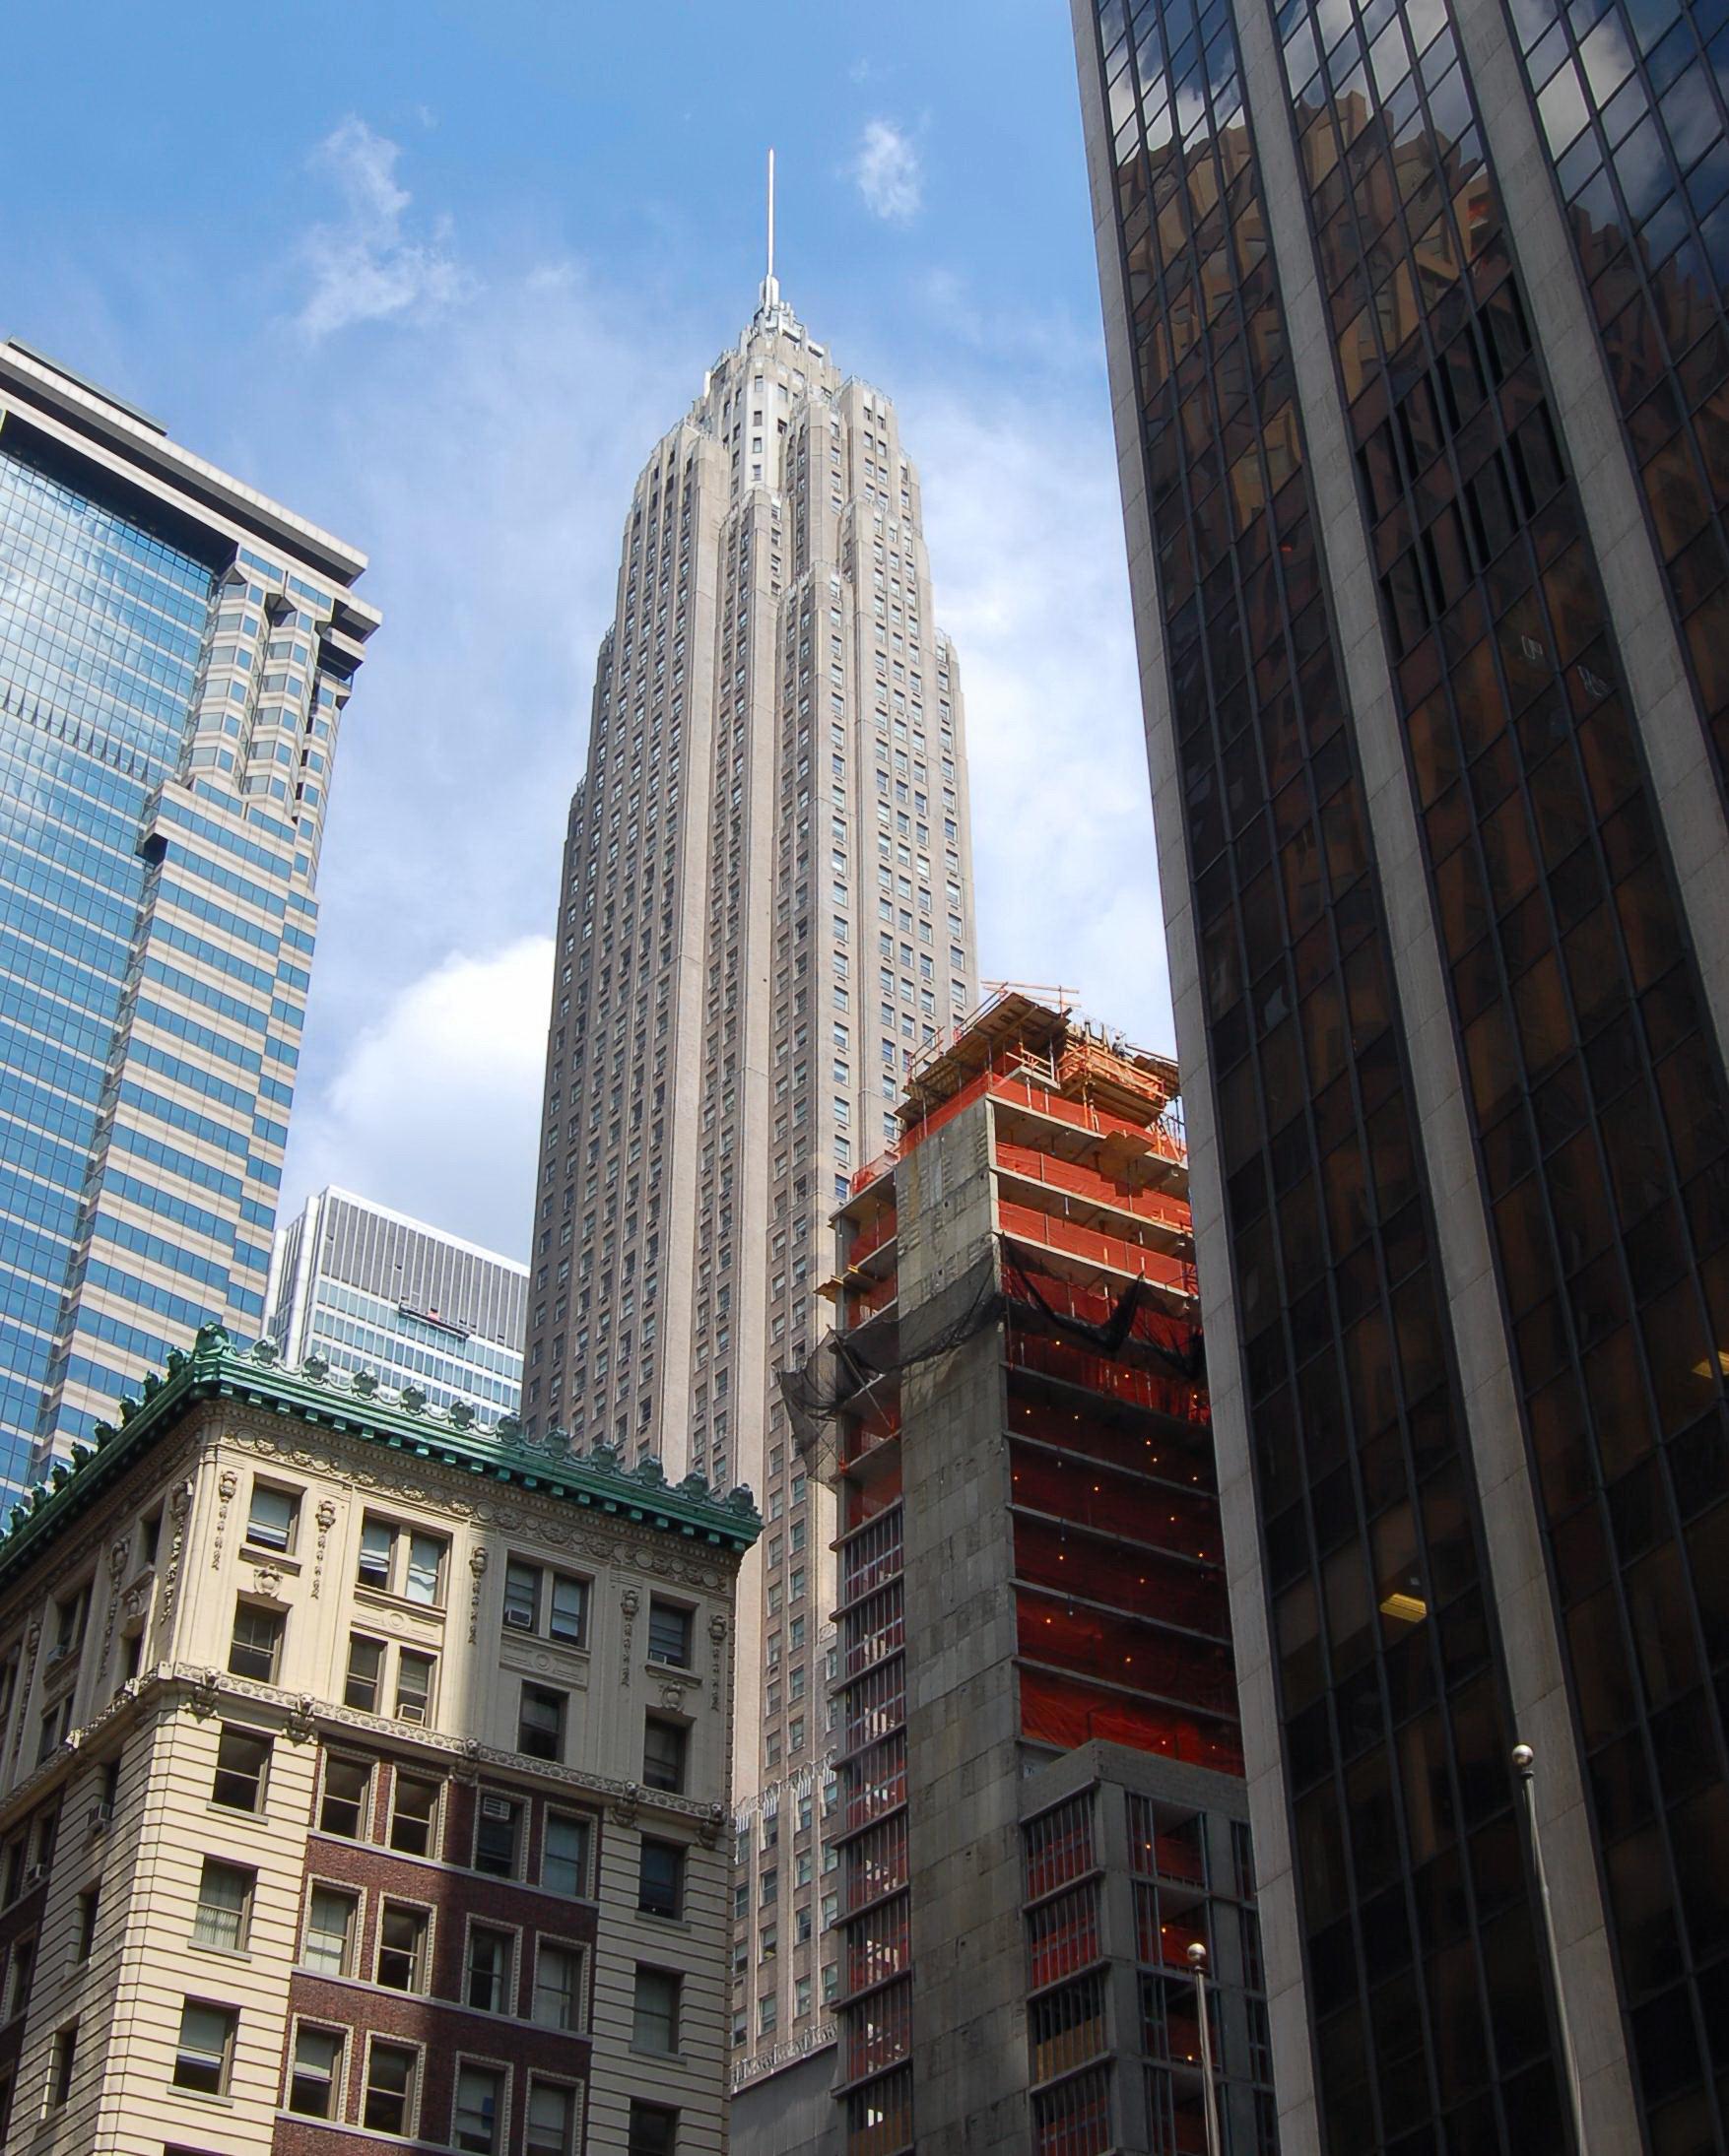 liste des cinquante plus hauts immeubles de new york. Black Bedroom Furniture Sets. Home Design Ideas